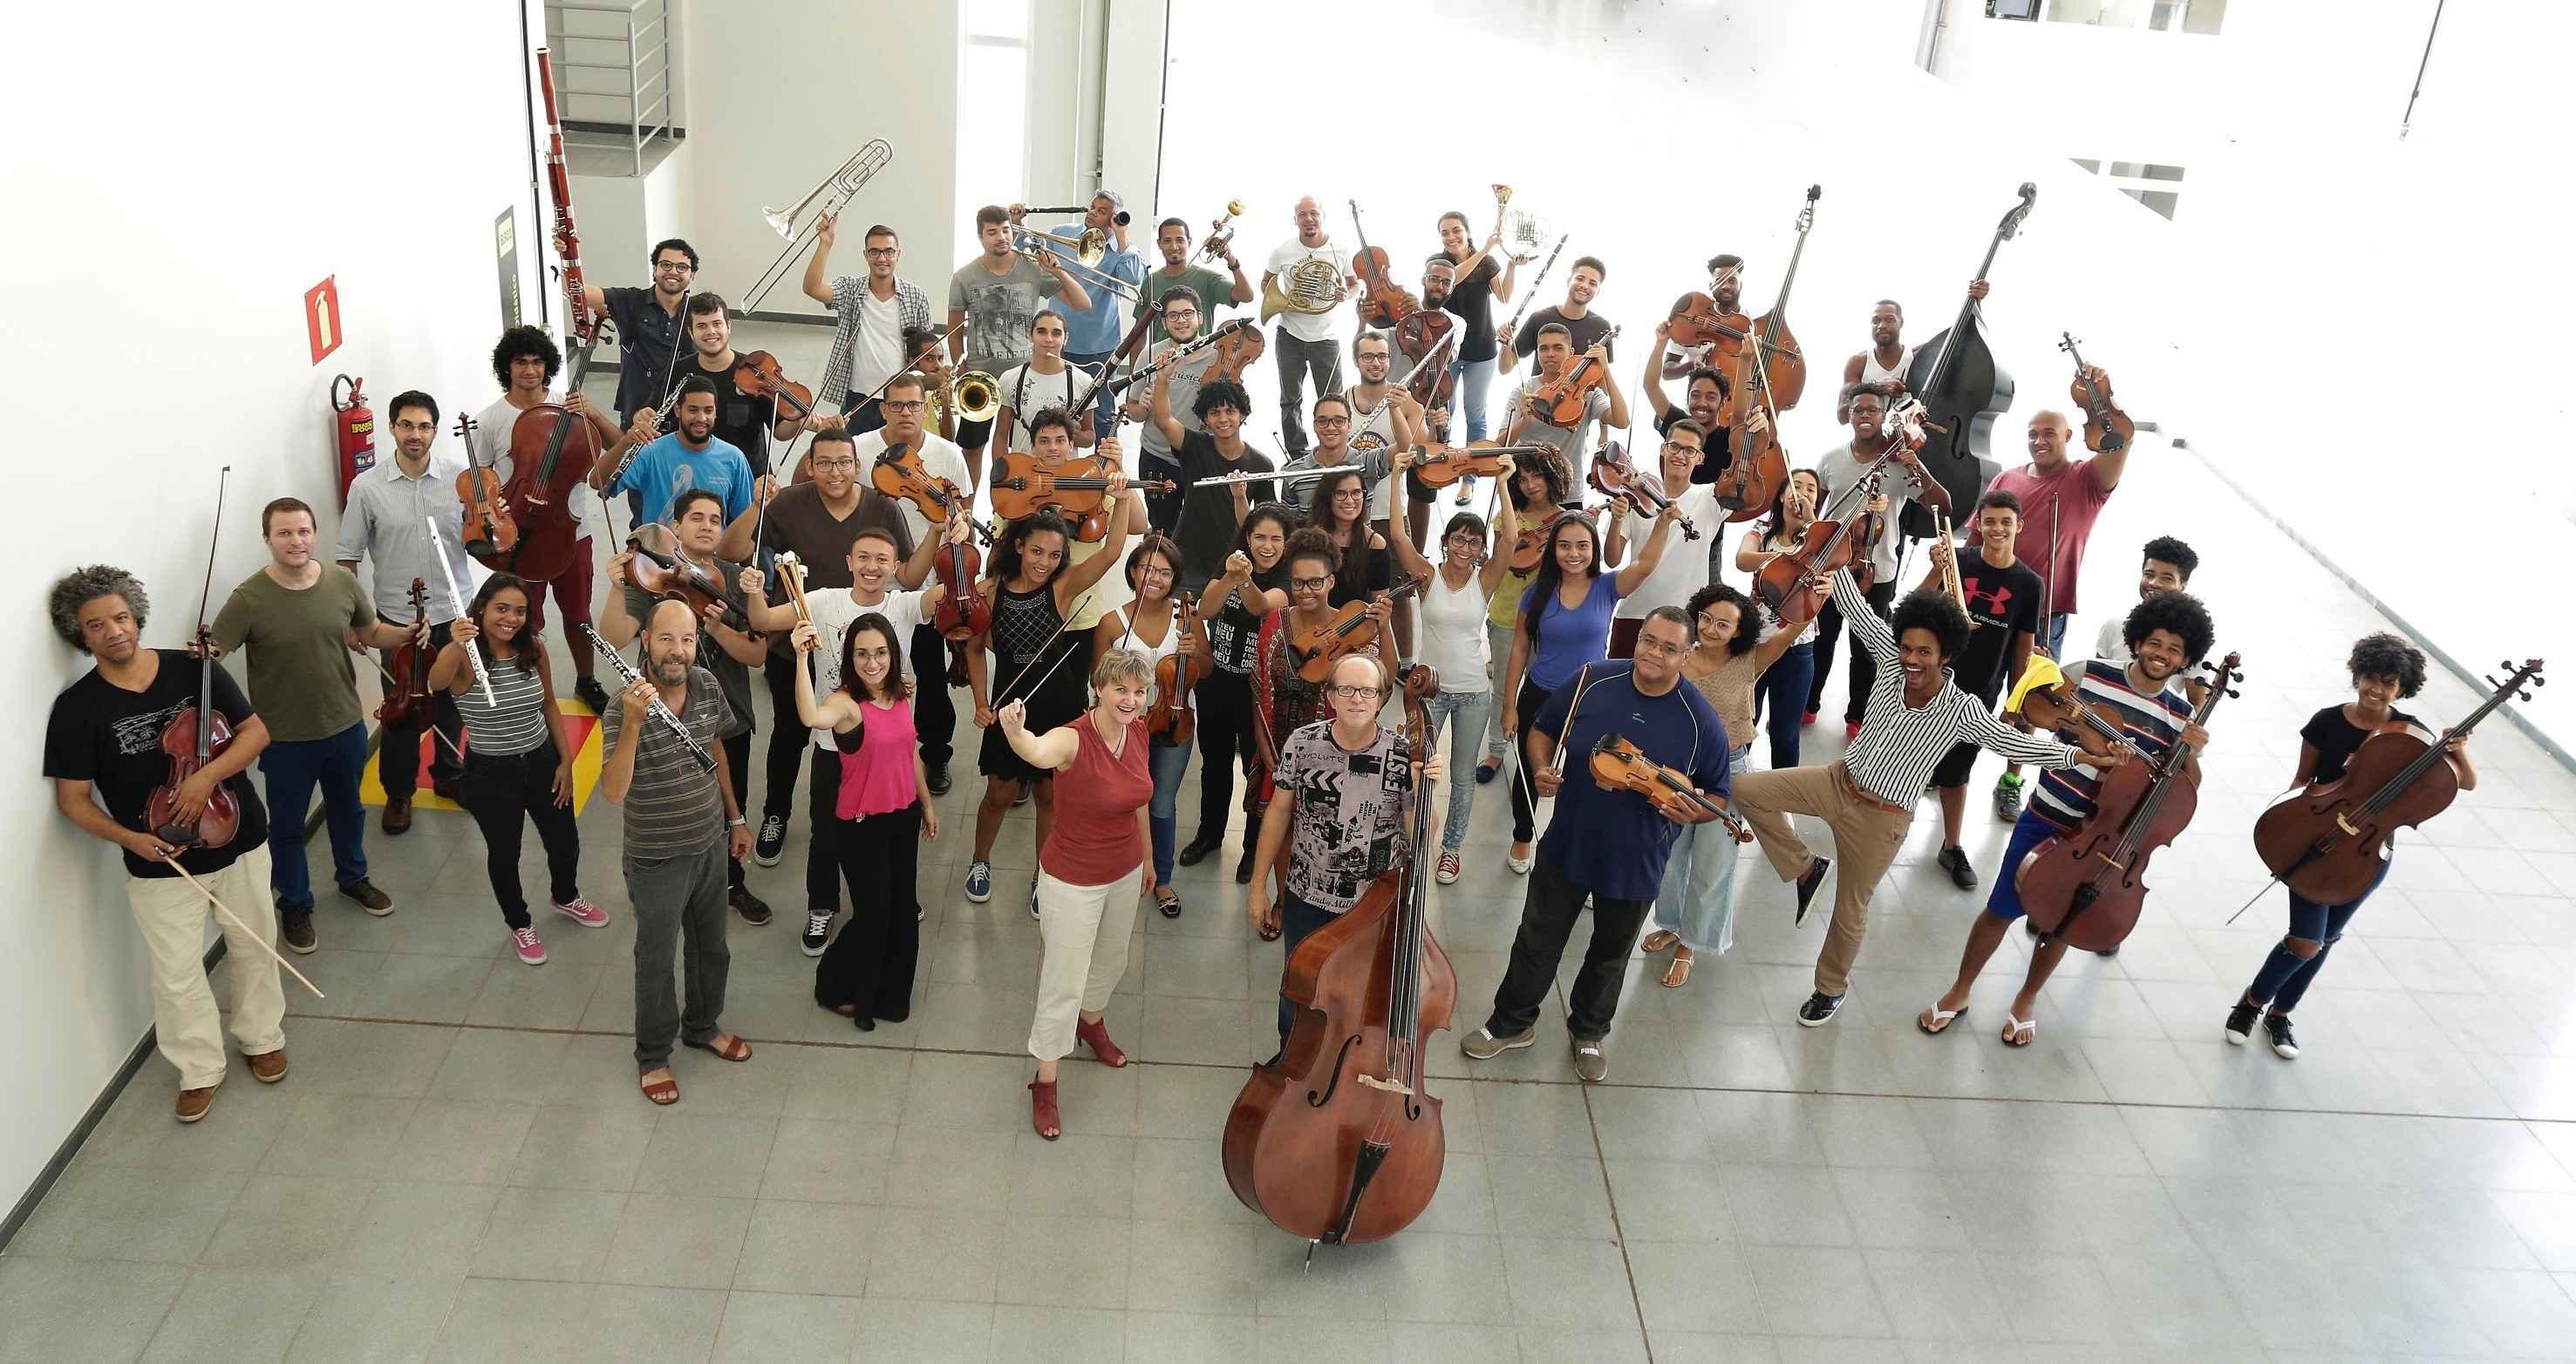 Participantes da Orquestra Sinfônica da UFMG